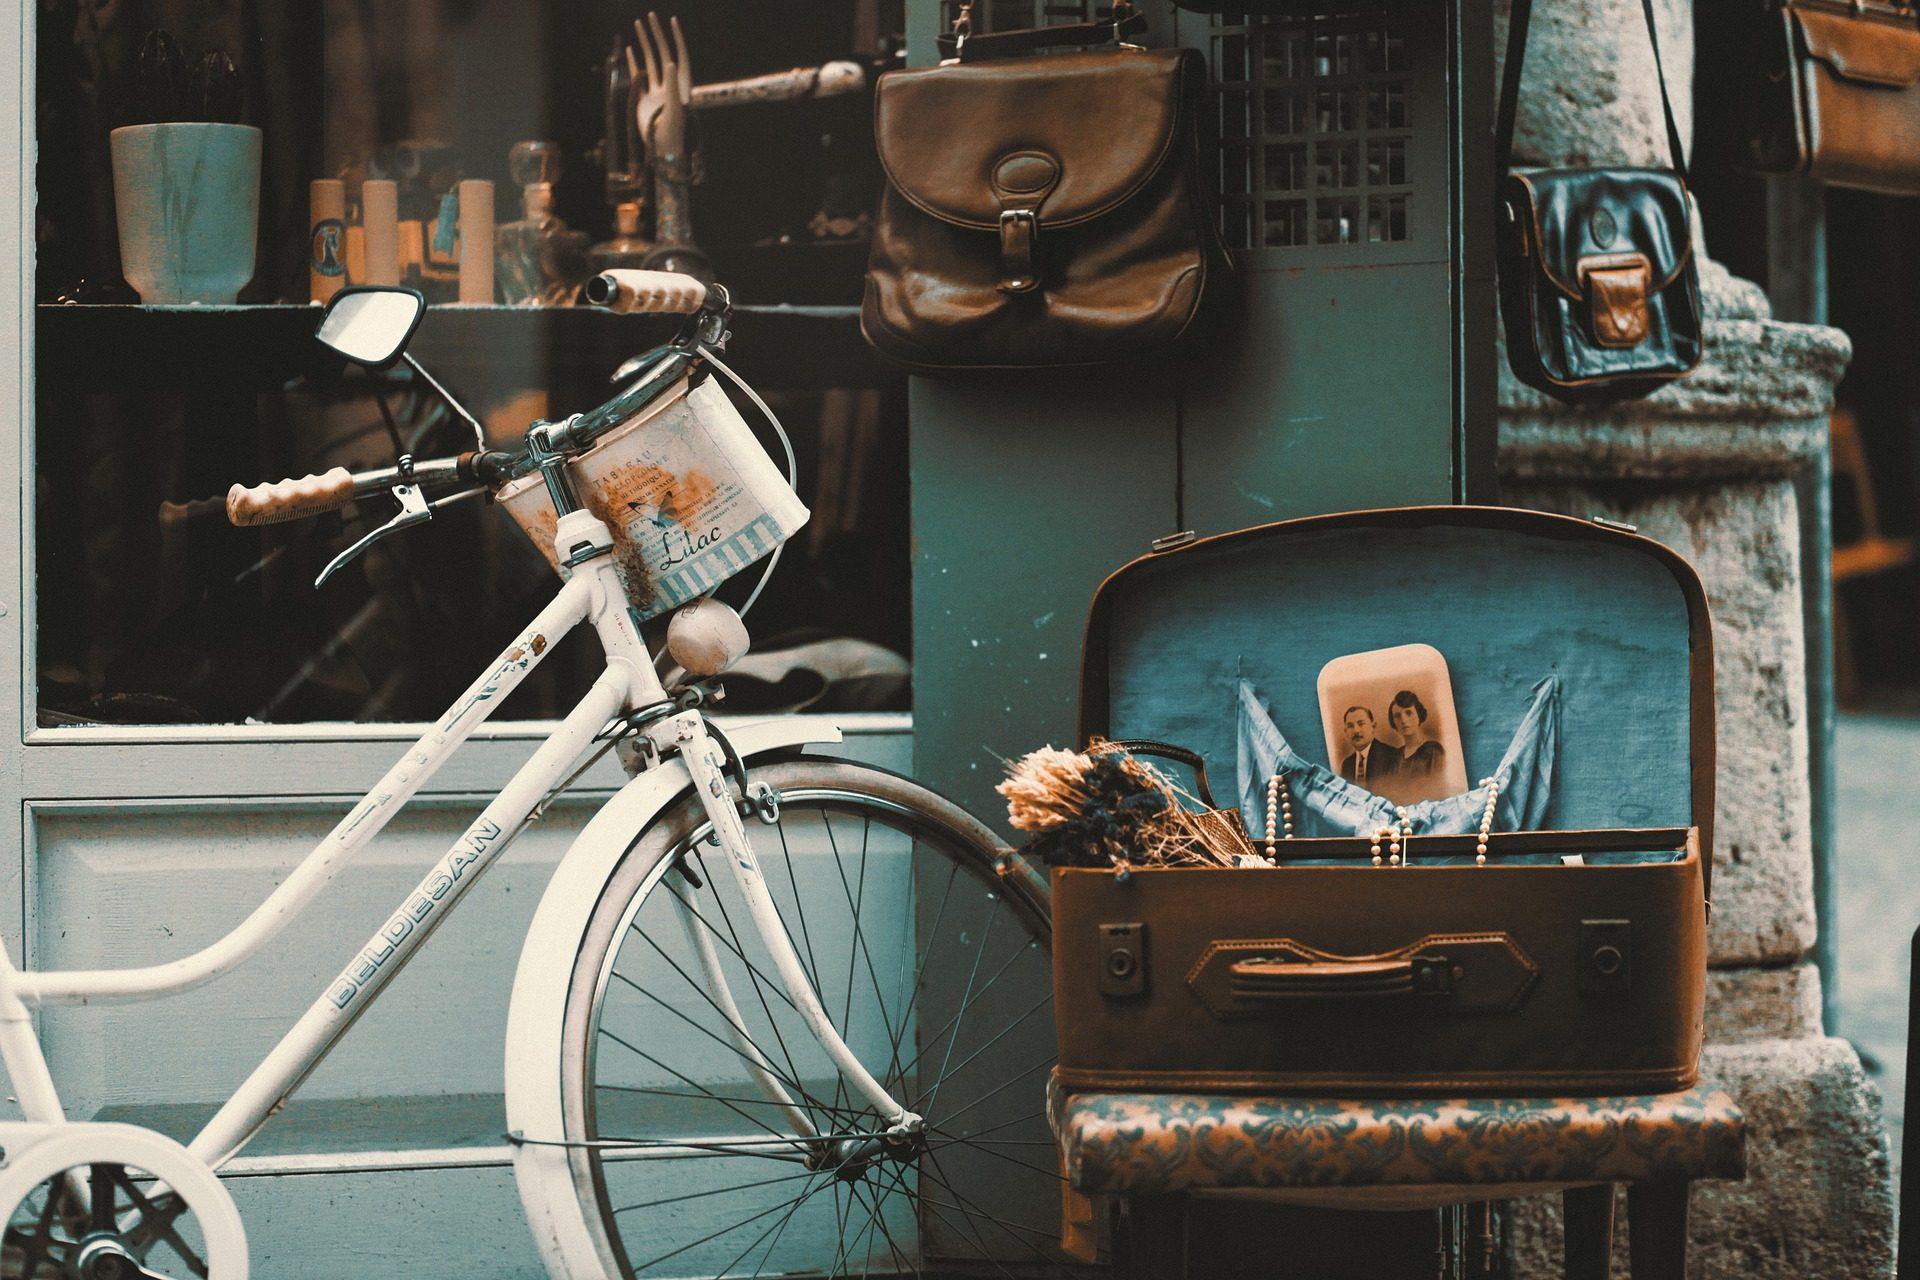 bici, valigia, Negozio, Tasca, vintage, retrò, Istanbul - Sfondi HD - Professor-falken.com